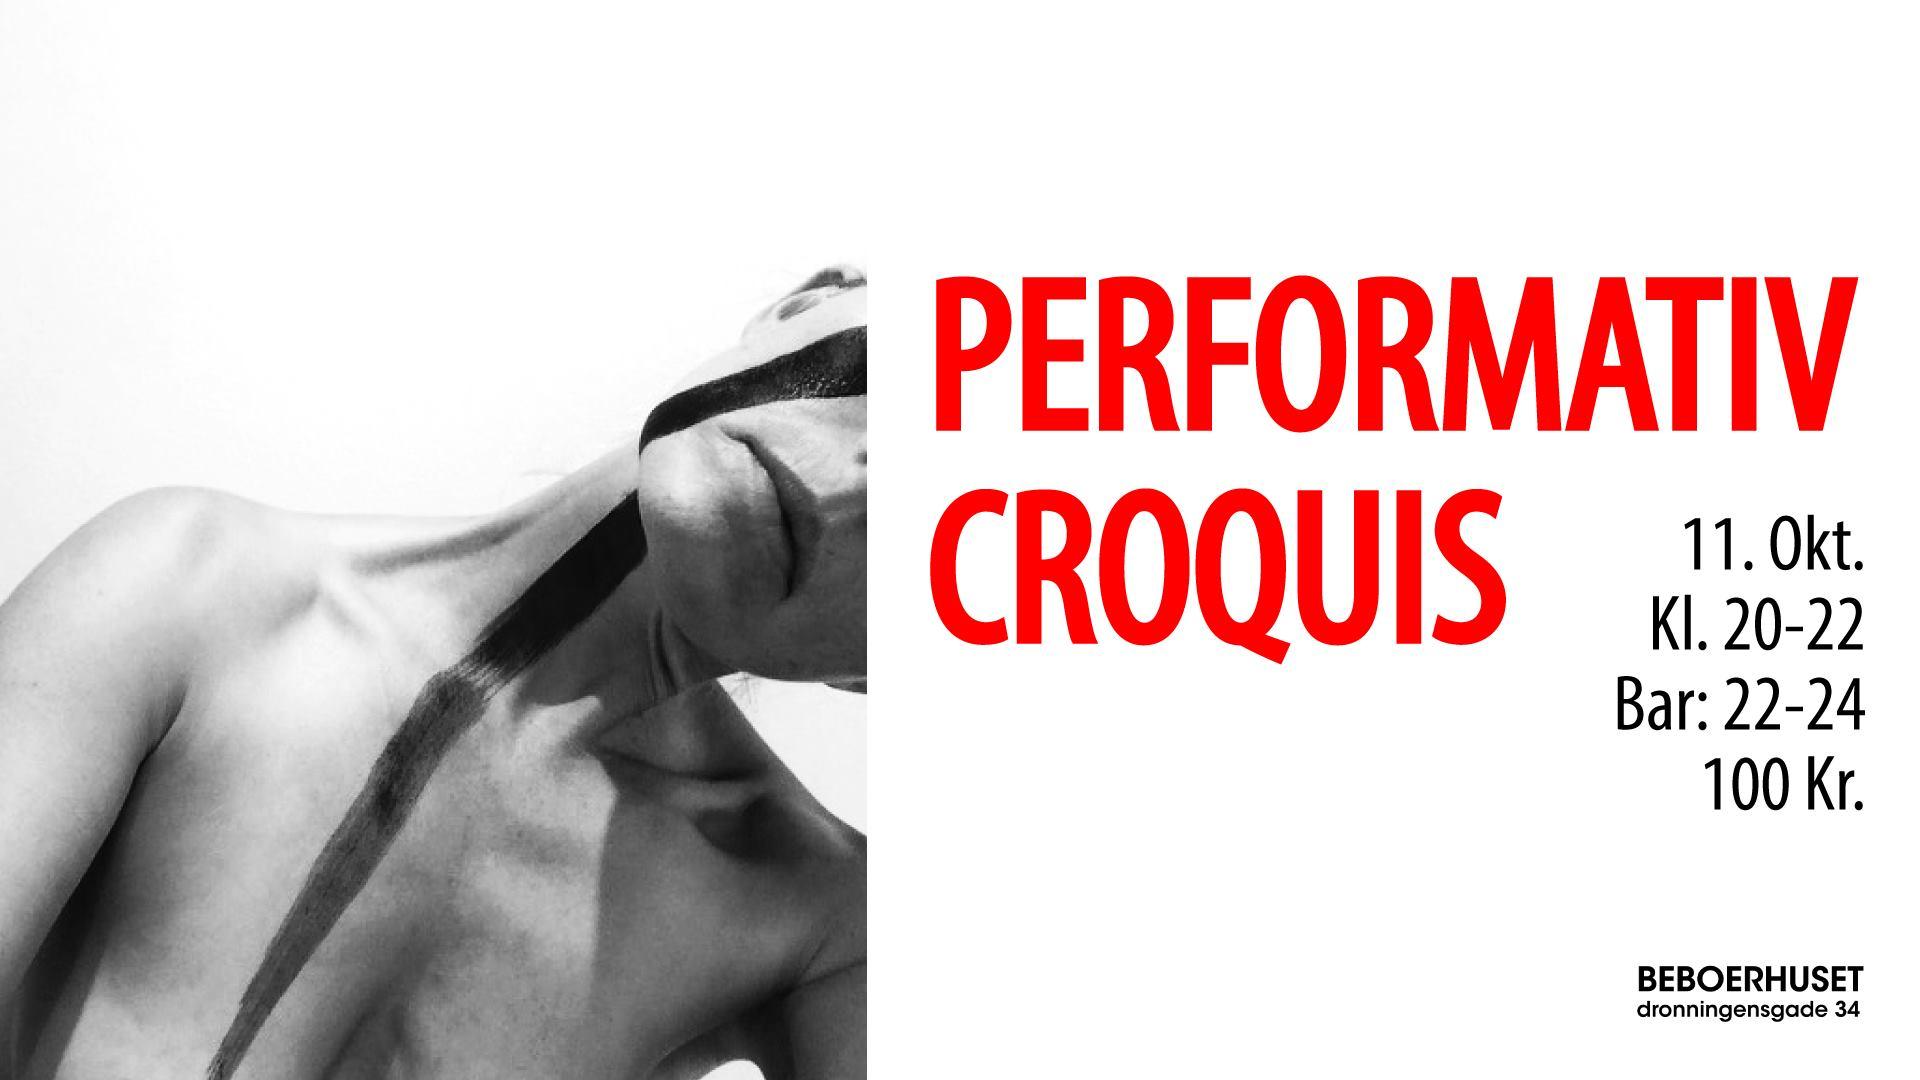 Performativ Croquis – Christianshavns Beboerhus and Shock – Kbh